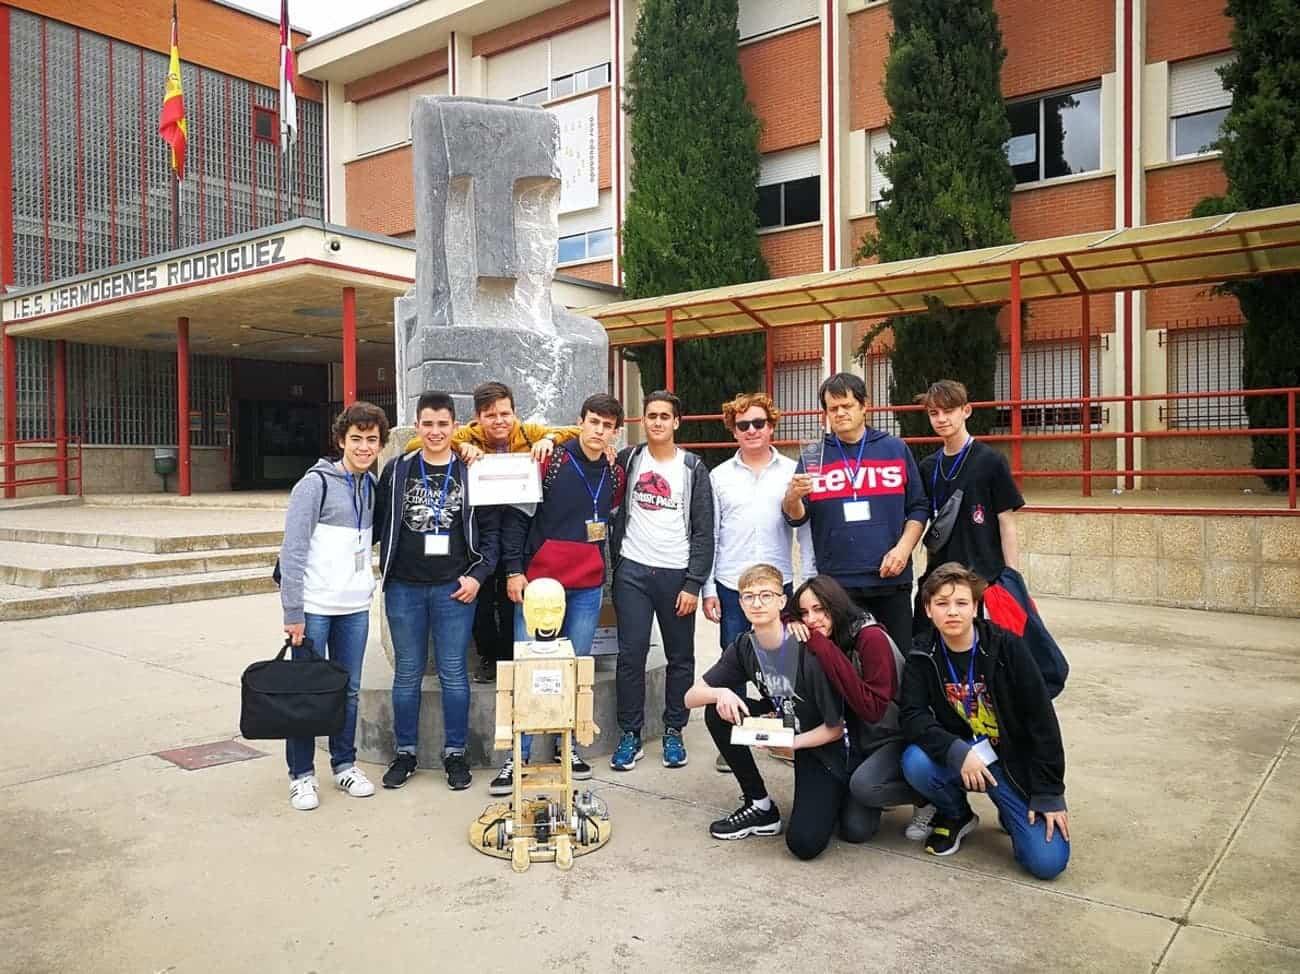 equipo robotica herencia 2 - Nuevos triunfos del equipo de robótica del IES Hermógenes Rodríguez